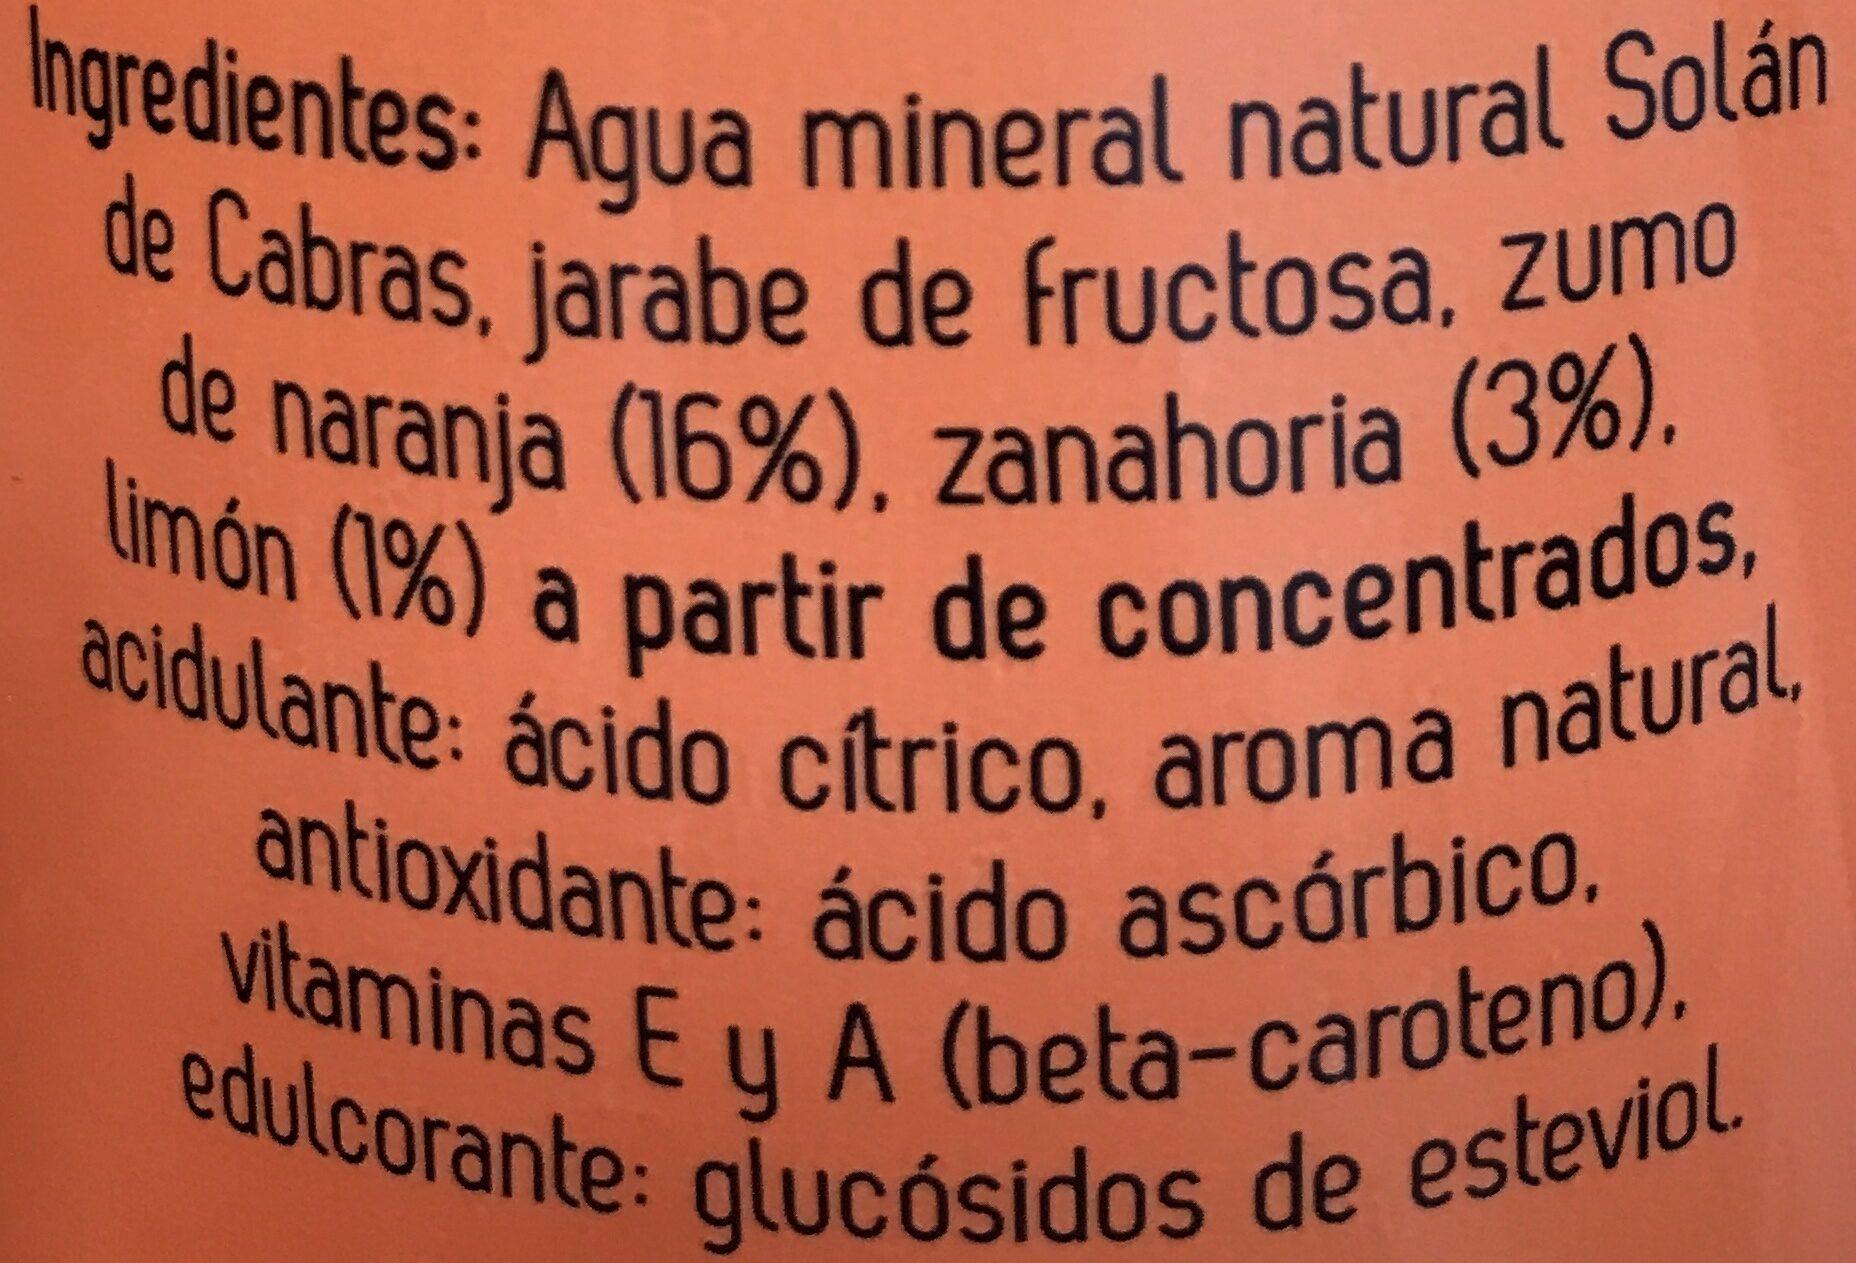 Agua mineral natural con zumo de multifrutas - Ingredientes - es